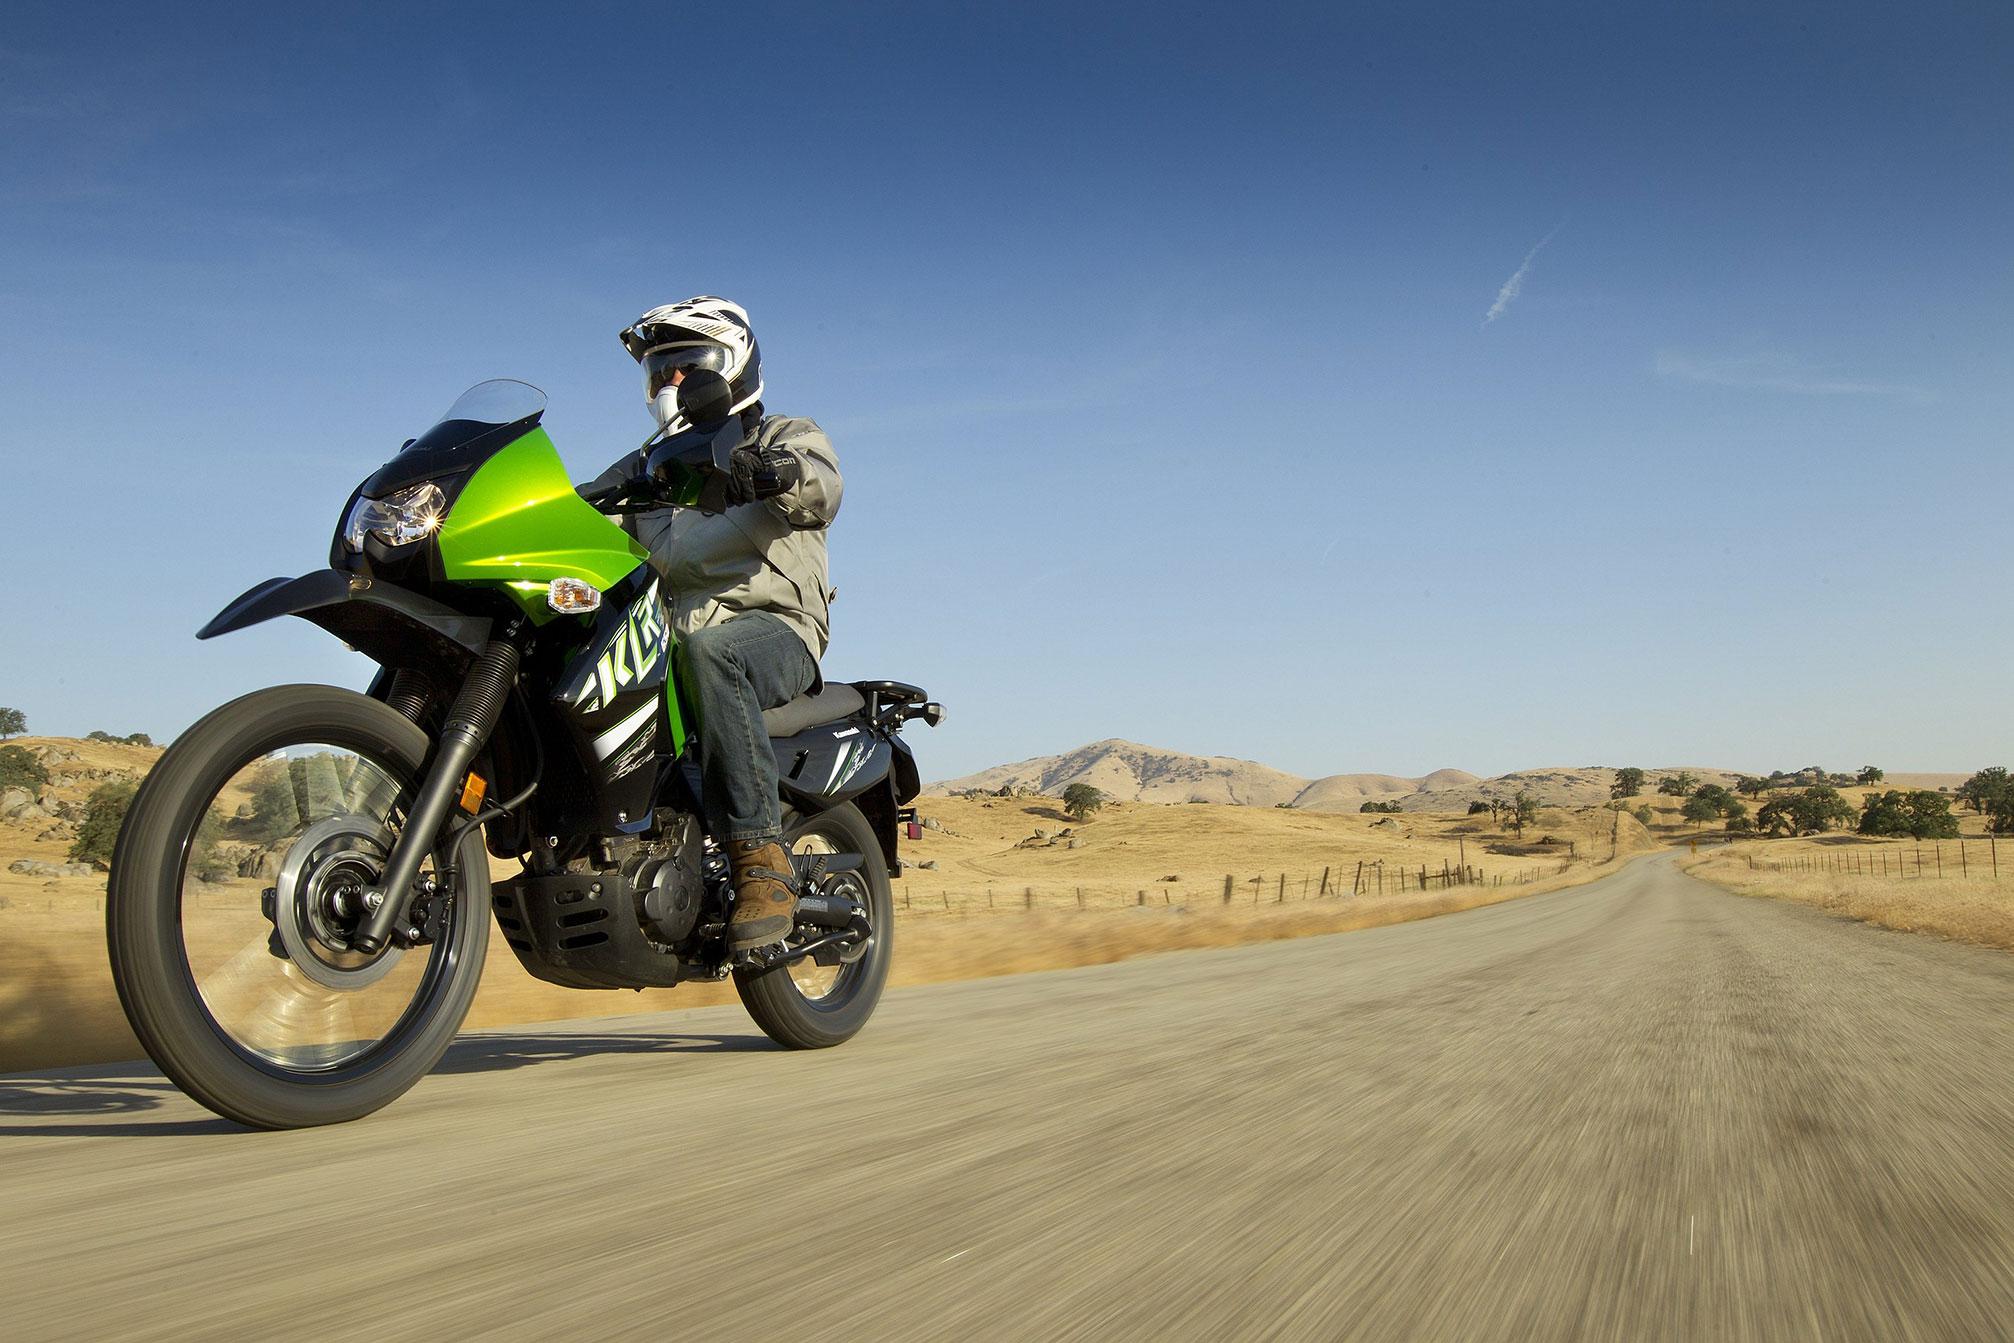 2014 Kawasaki KLR650 dual purpose dirtbike wallpaper 2014x1343 2014x1343